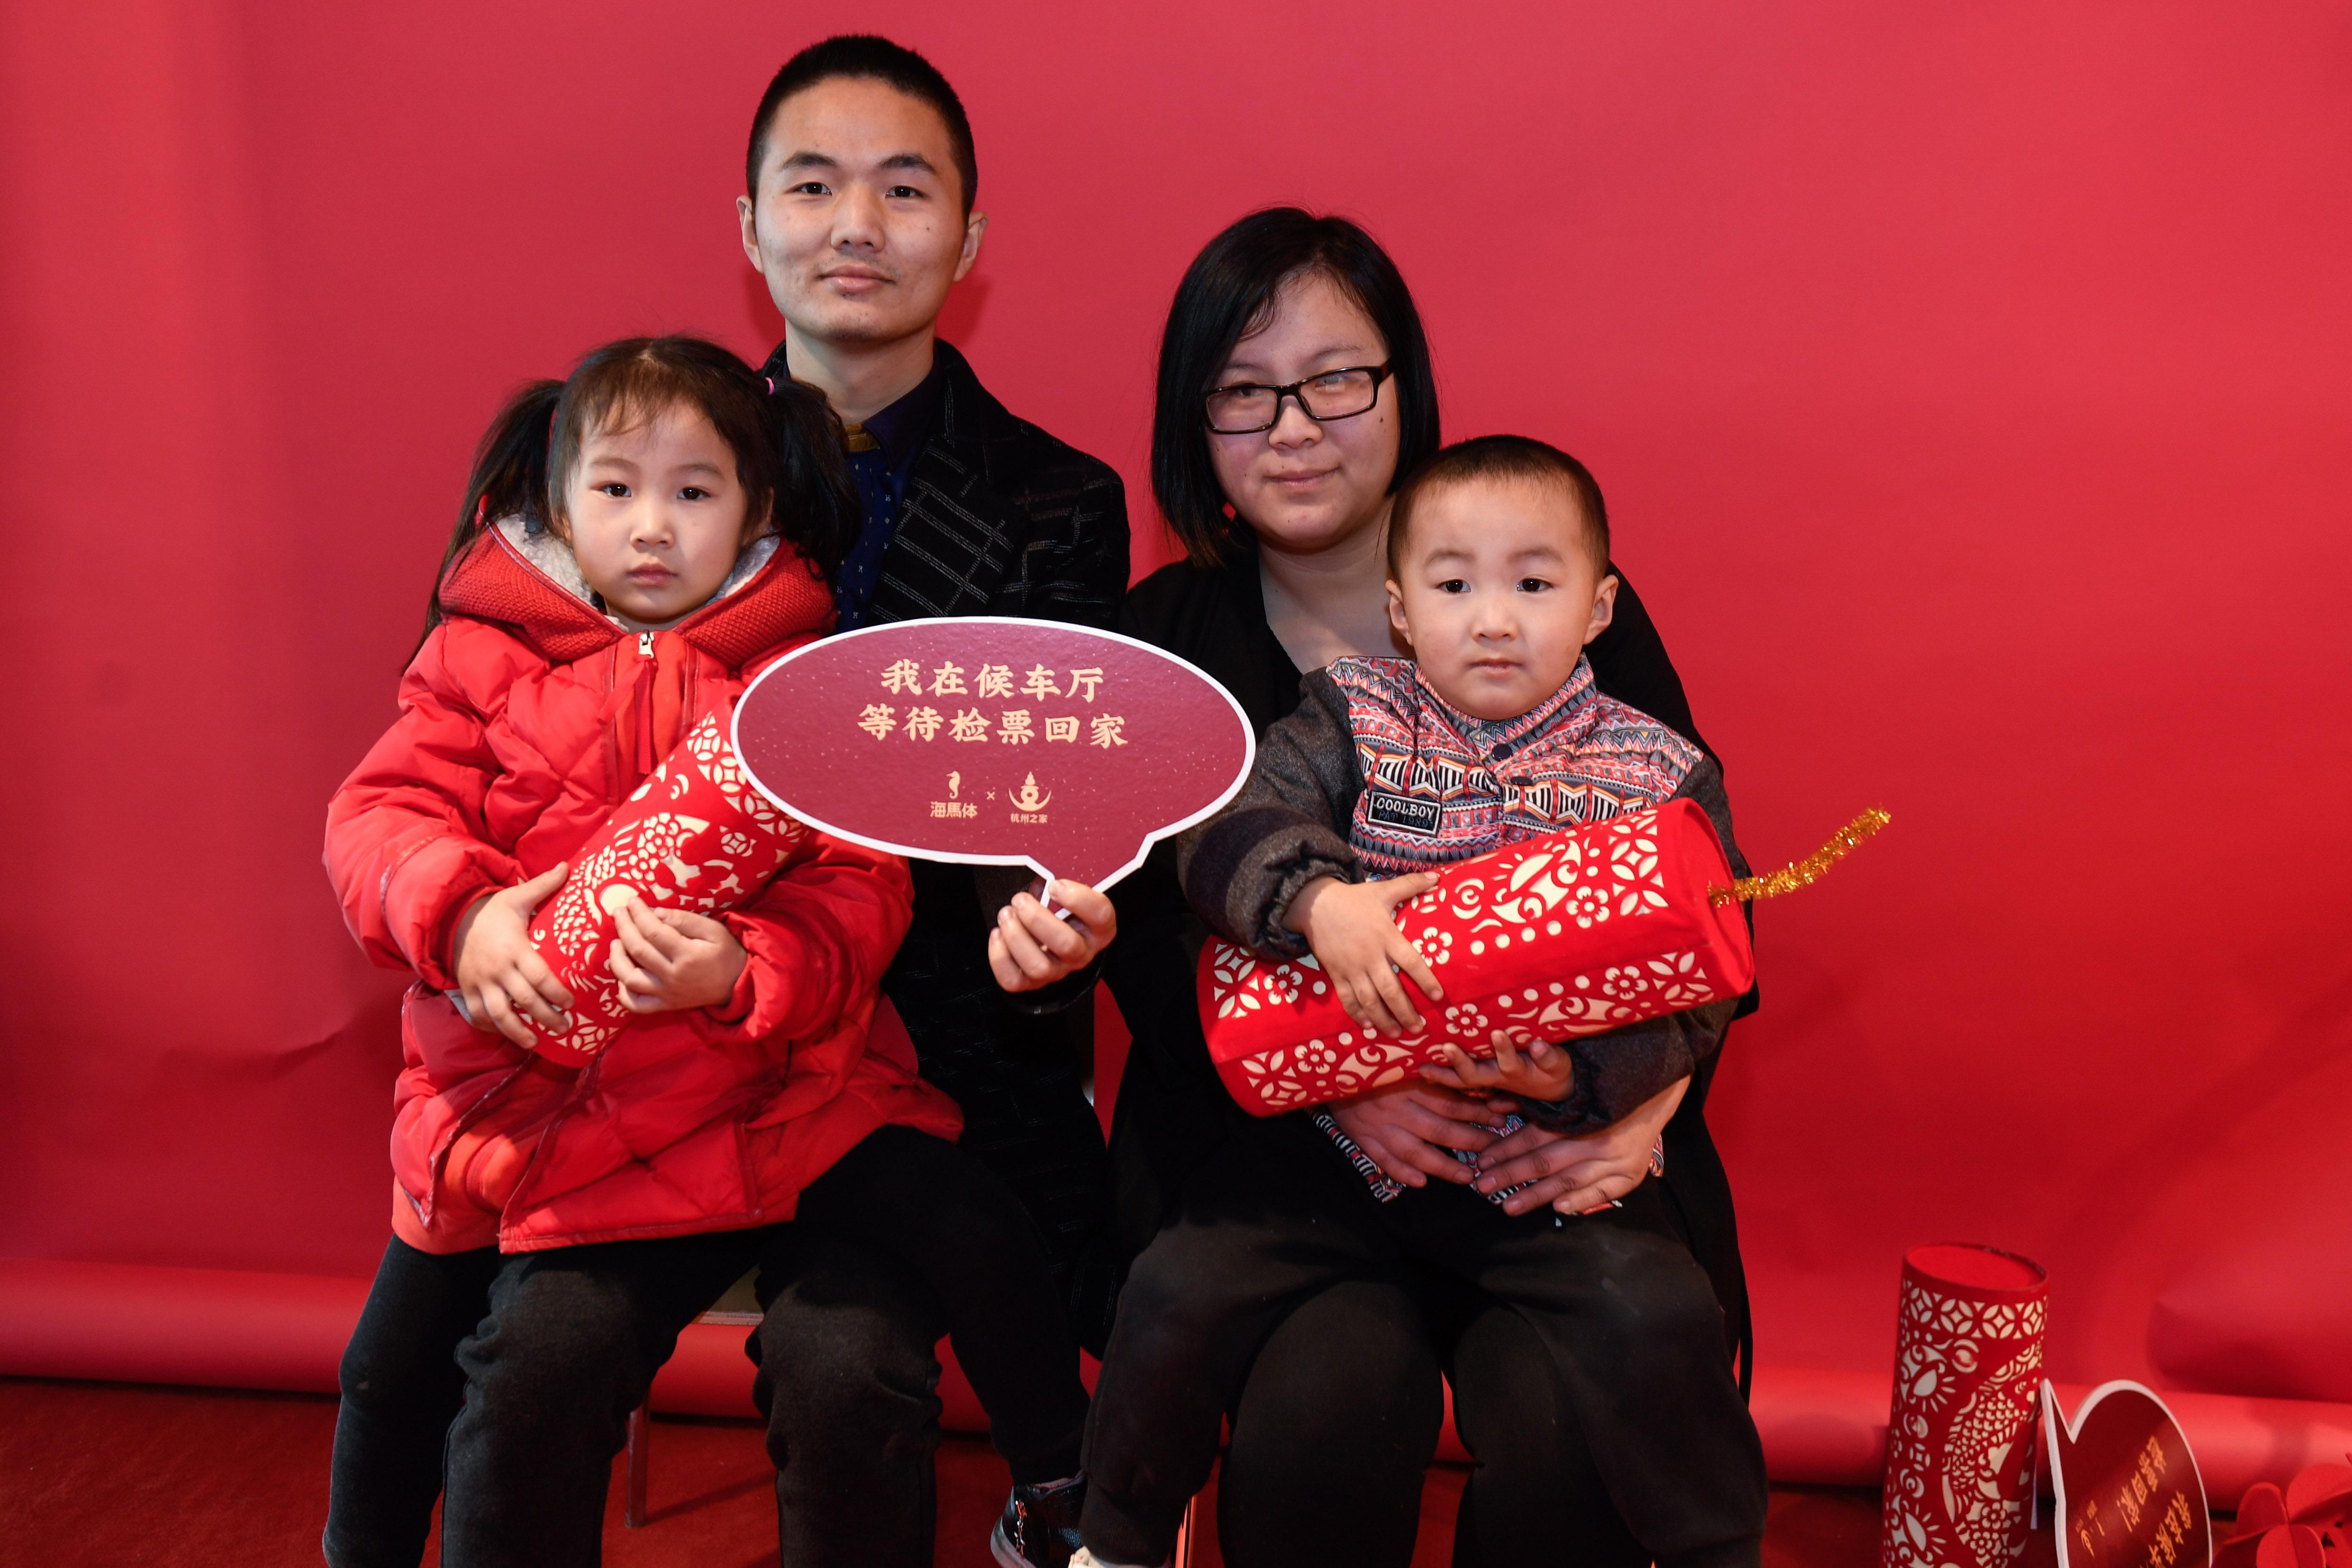 """杭州火车站的""""幸福照相馆"""":小镜头记录""""过年回家""""的大喜悦"""